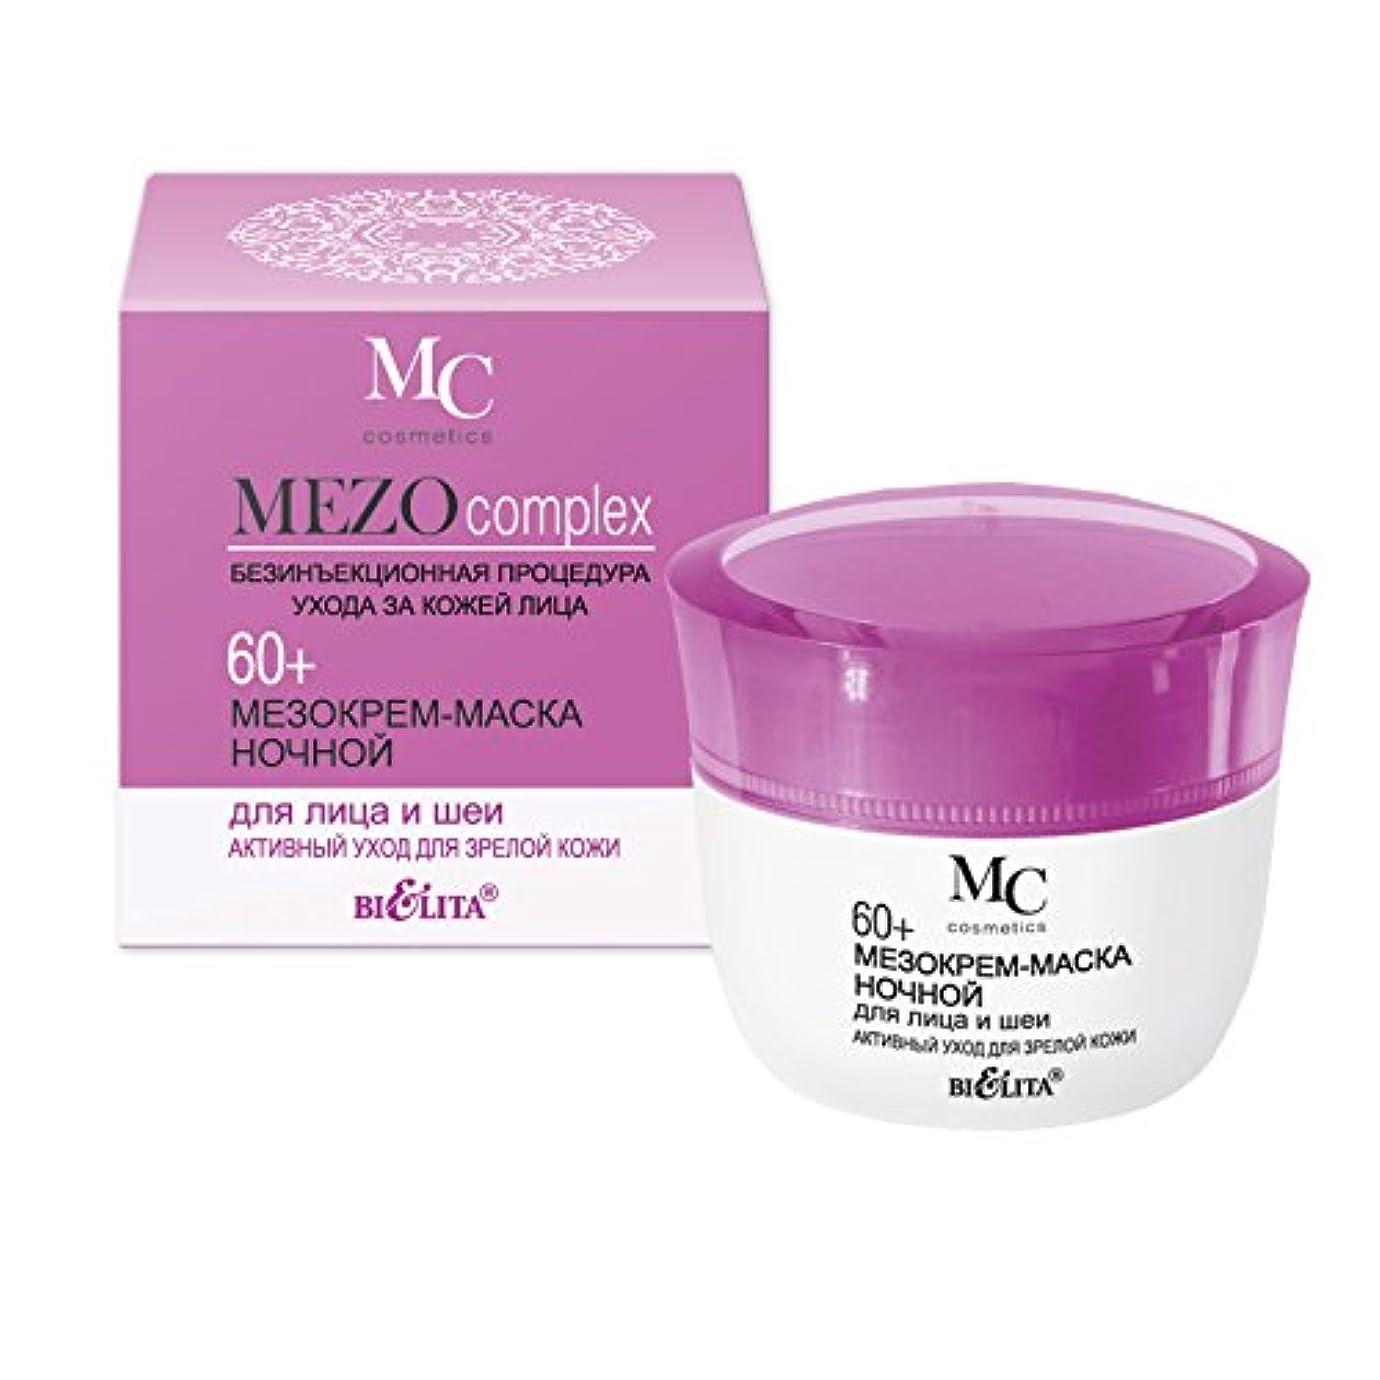 増幅夜明け句Night cream mask (MEZO) for face and neck 60+ care for mature skin   Hyaluronic acid, Vitamin E, Peach seed oil...